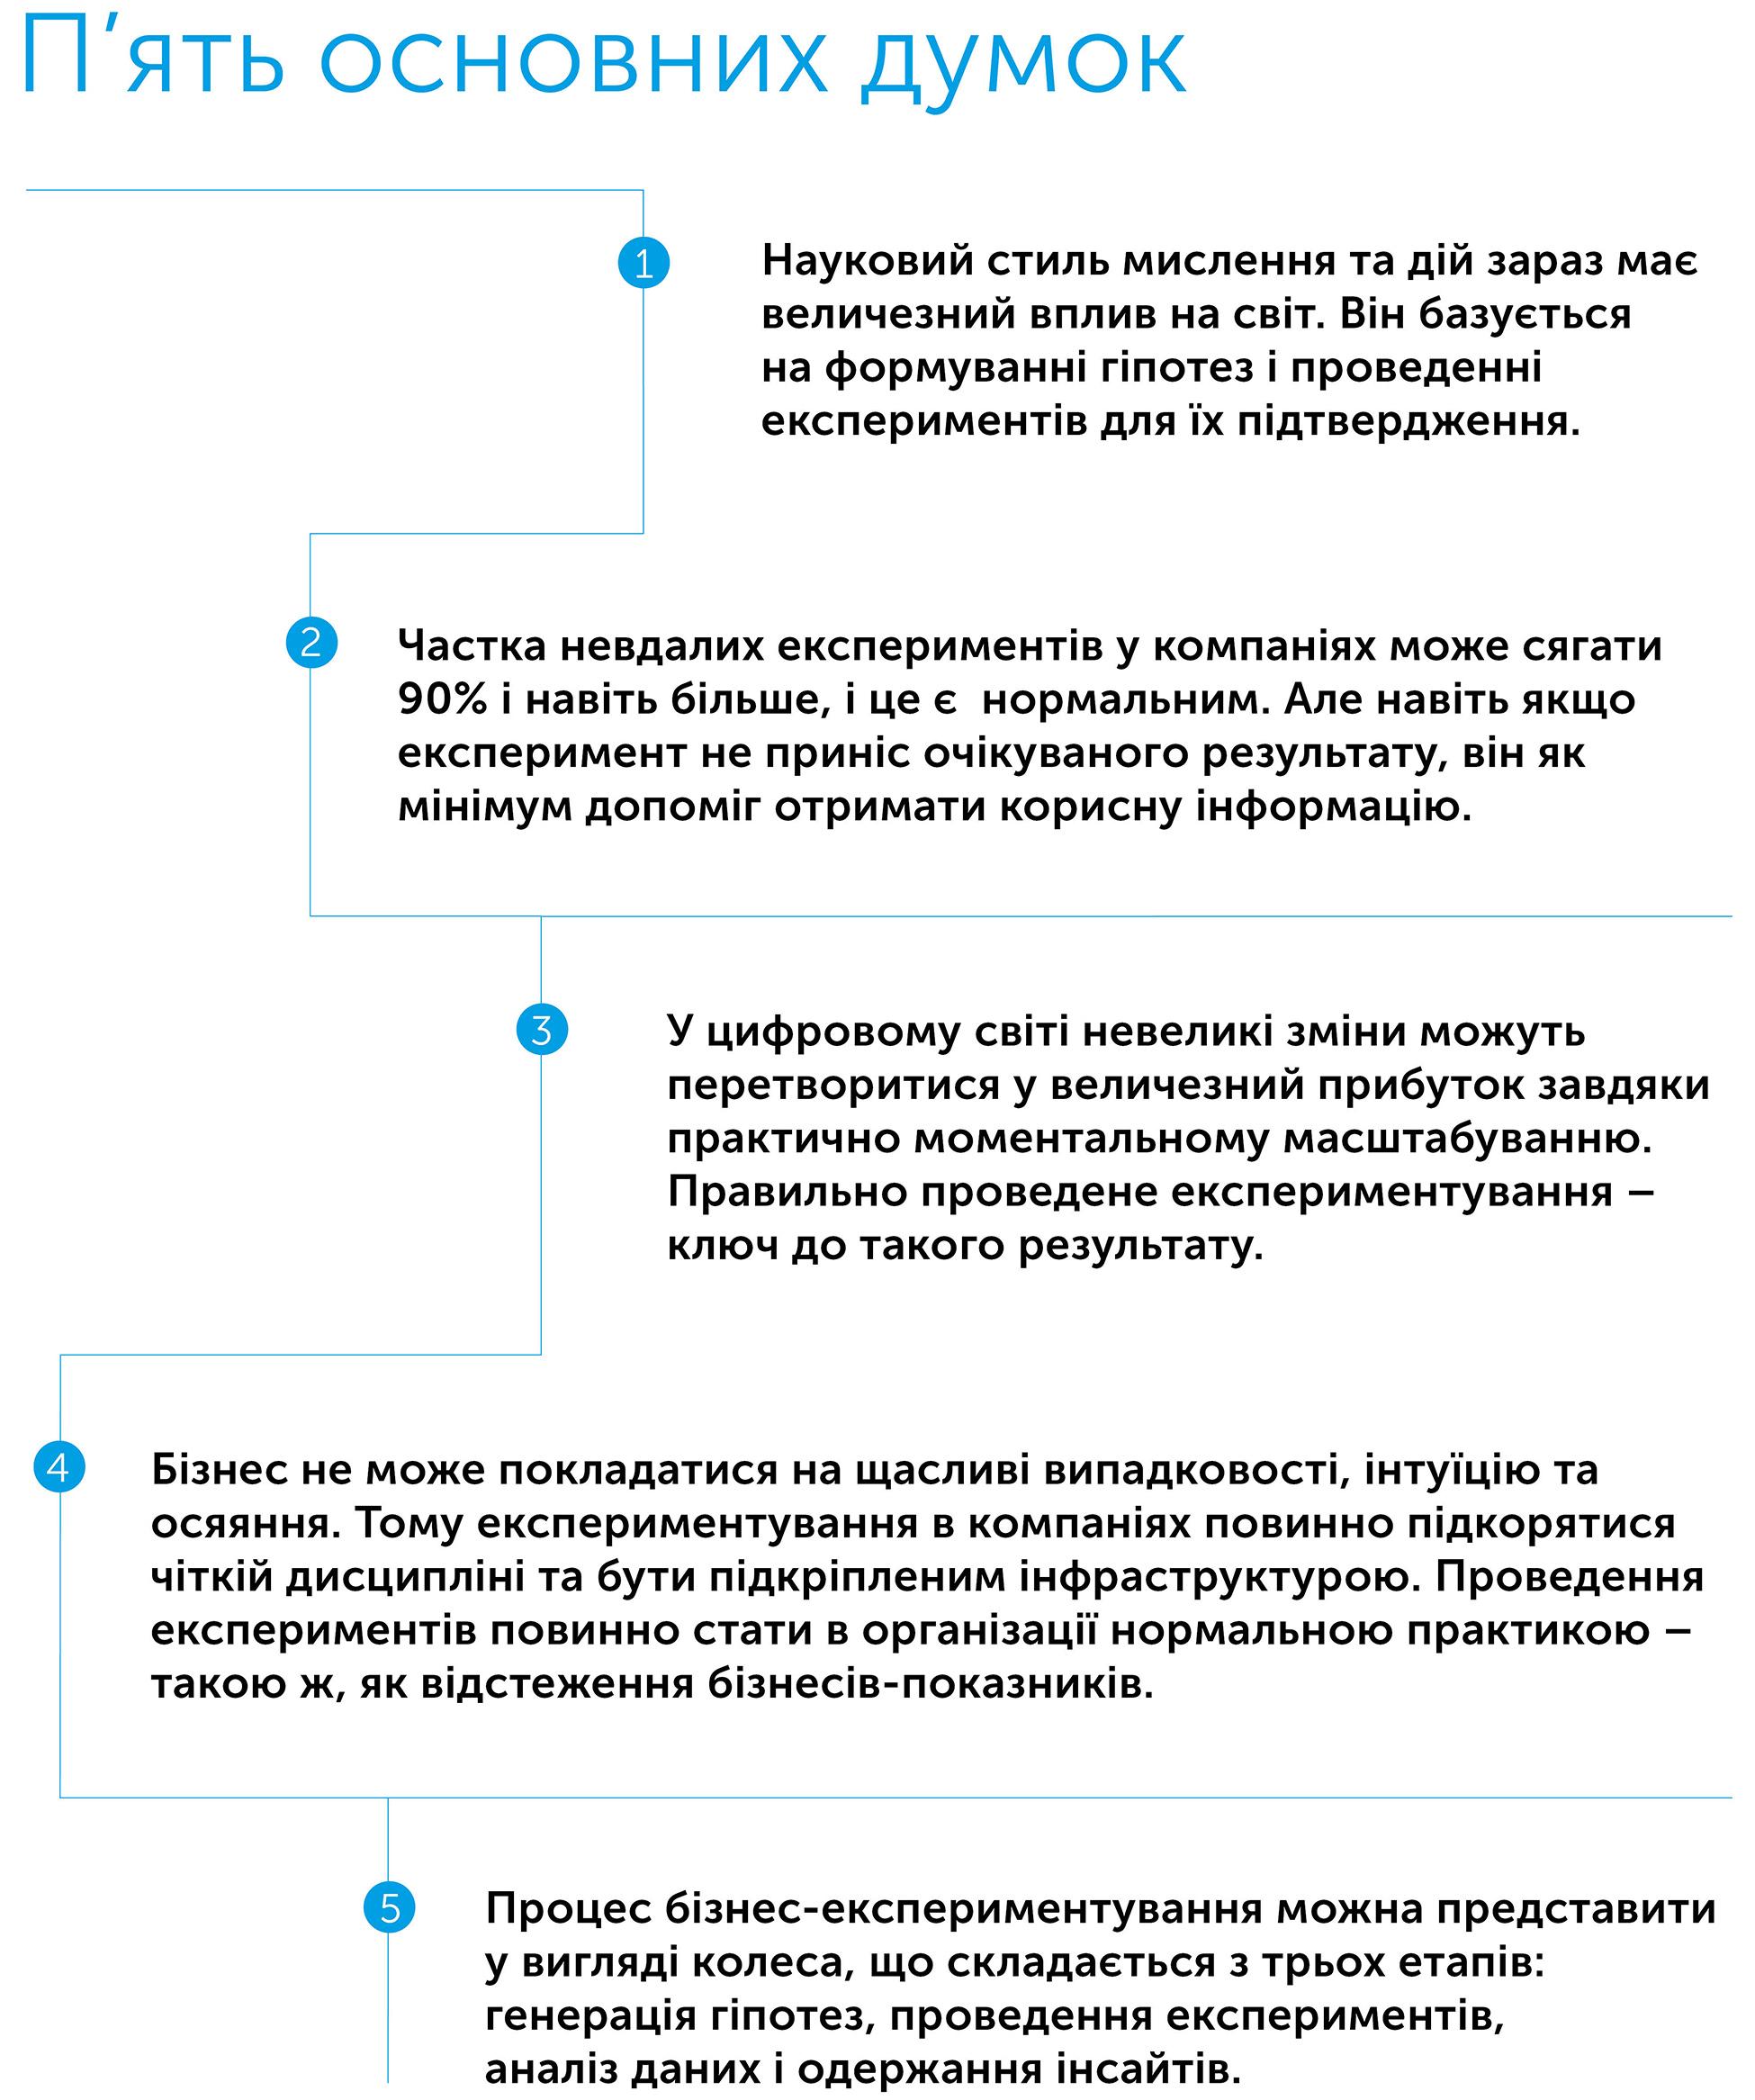 Експериментування працює. Дивовижна сила бізнес-експериментів, автор Стефан Томке | Kyivstar Business Hub, зображення №2